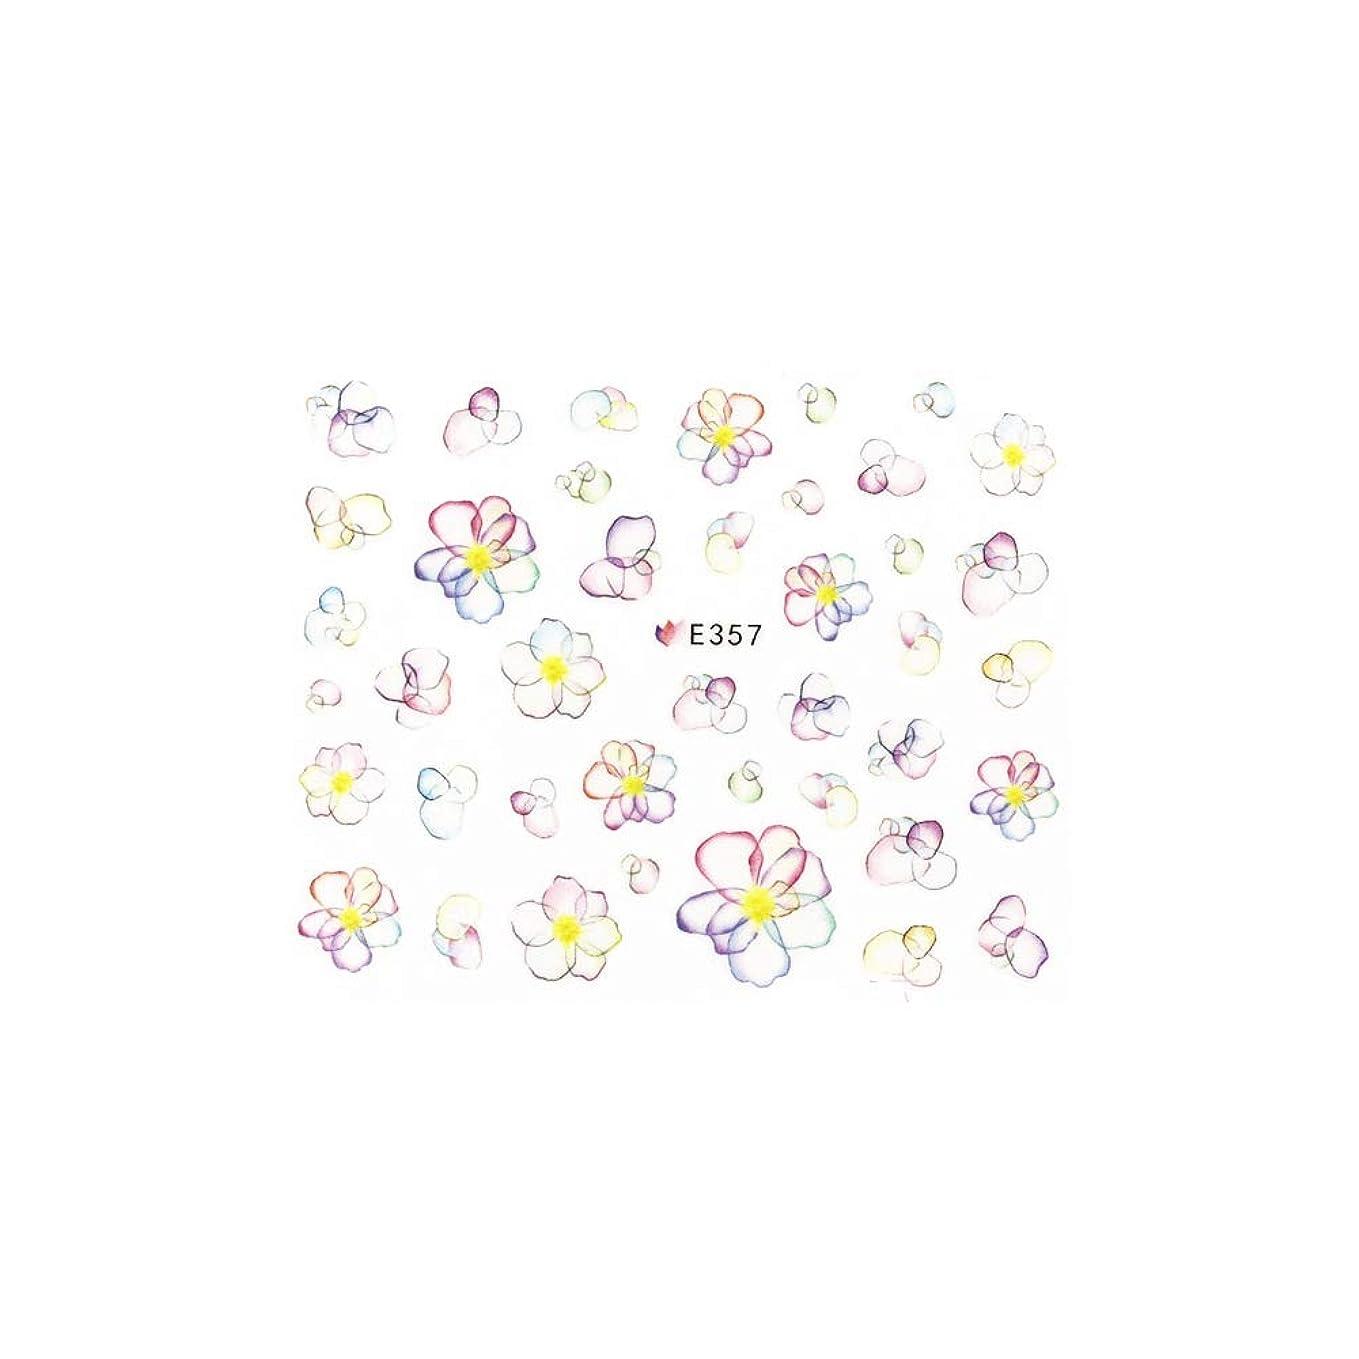 閉じ込める彼女のどちらかネイルシール カラフルシフォンフラワーシール【E357】レジン マニキュア 水彩 花 フラワー